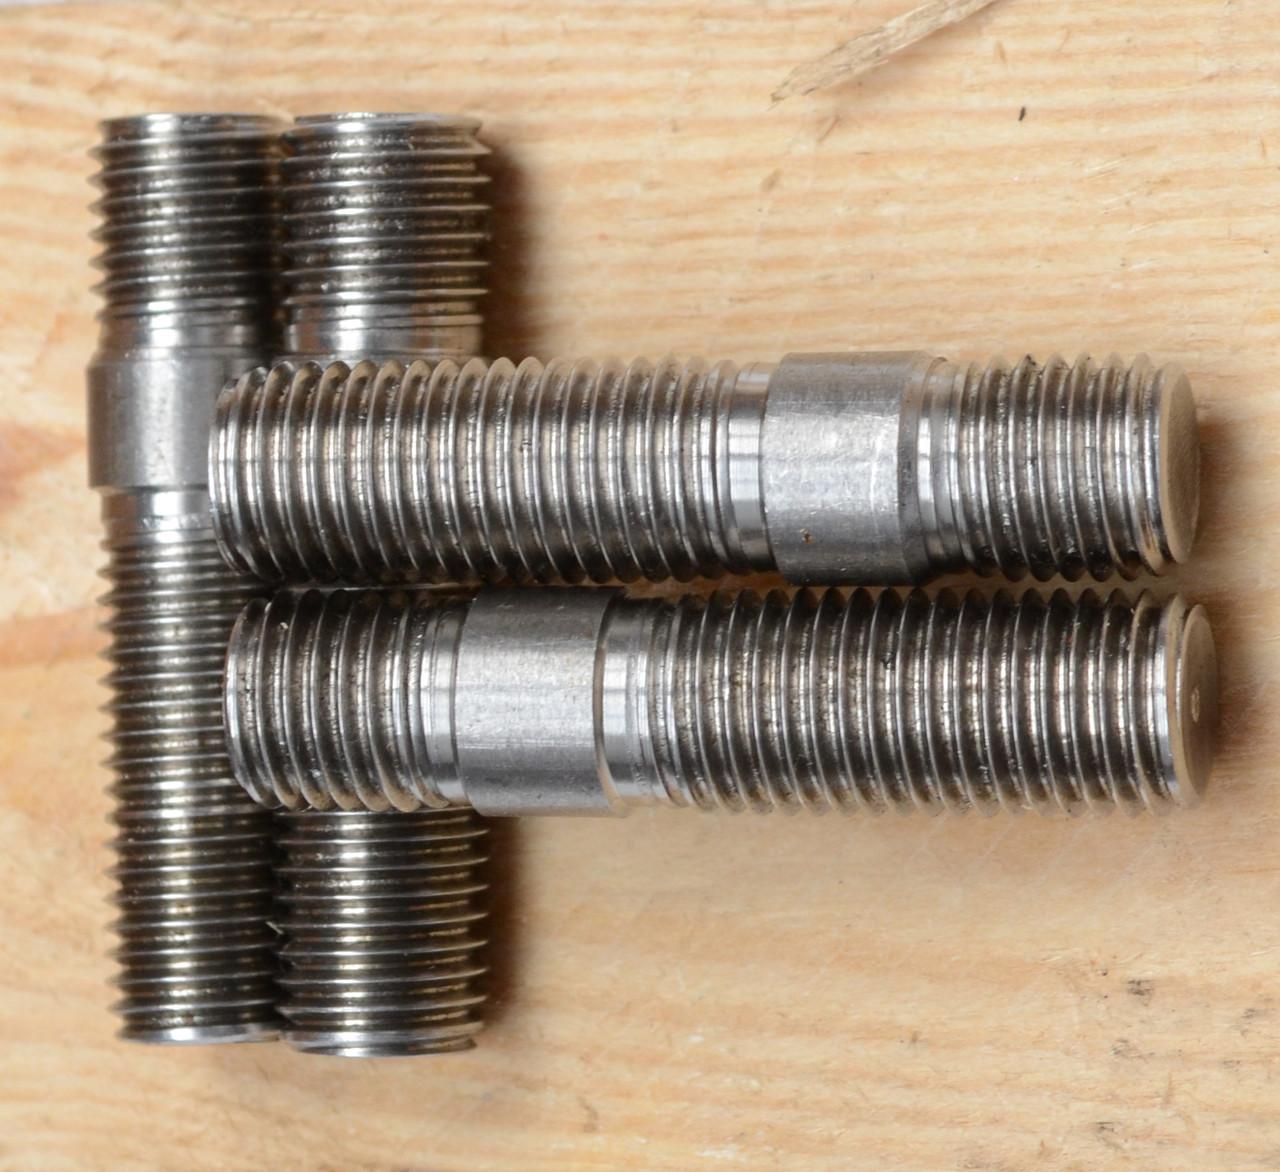 Шпилька М24 с ввинчиваемым концом 1.25d ГОСТ 22034-76, DIN 939